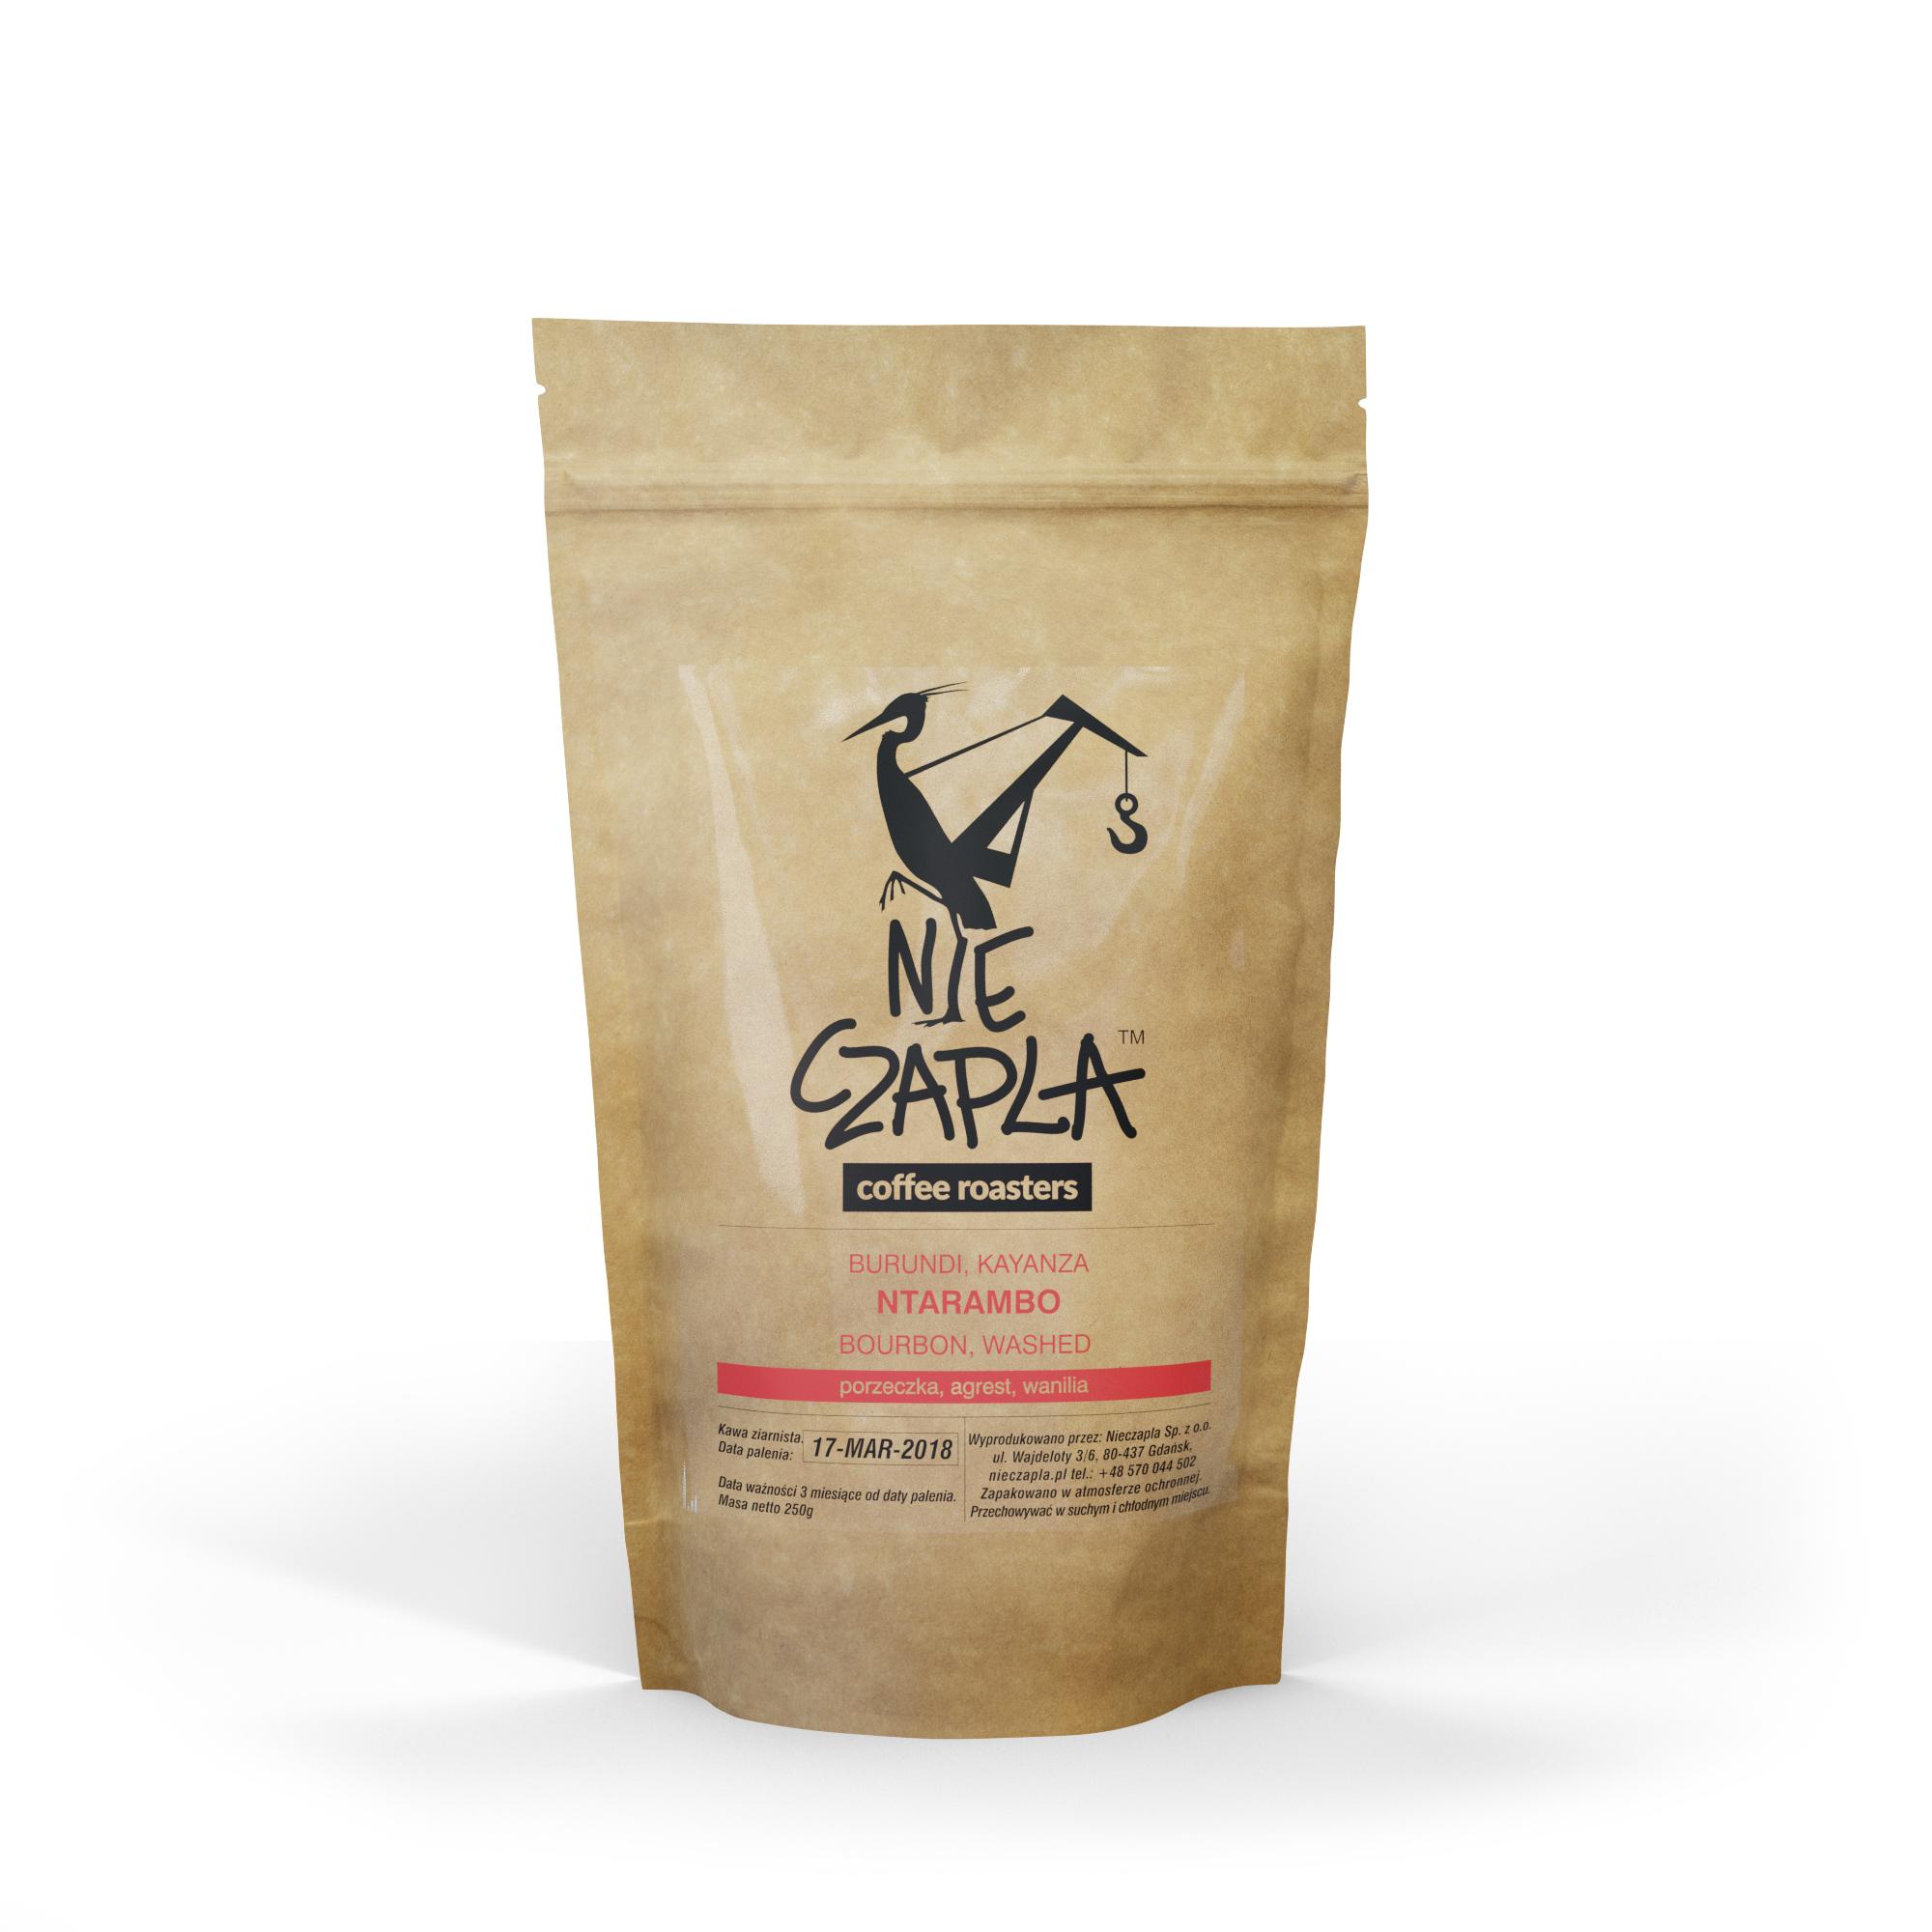 Kawa wysokiej jakości